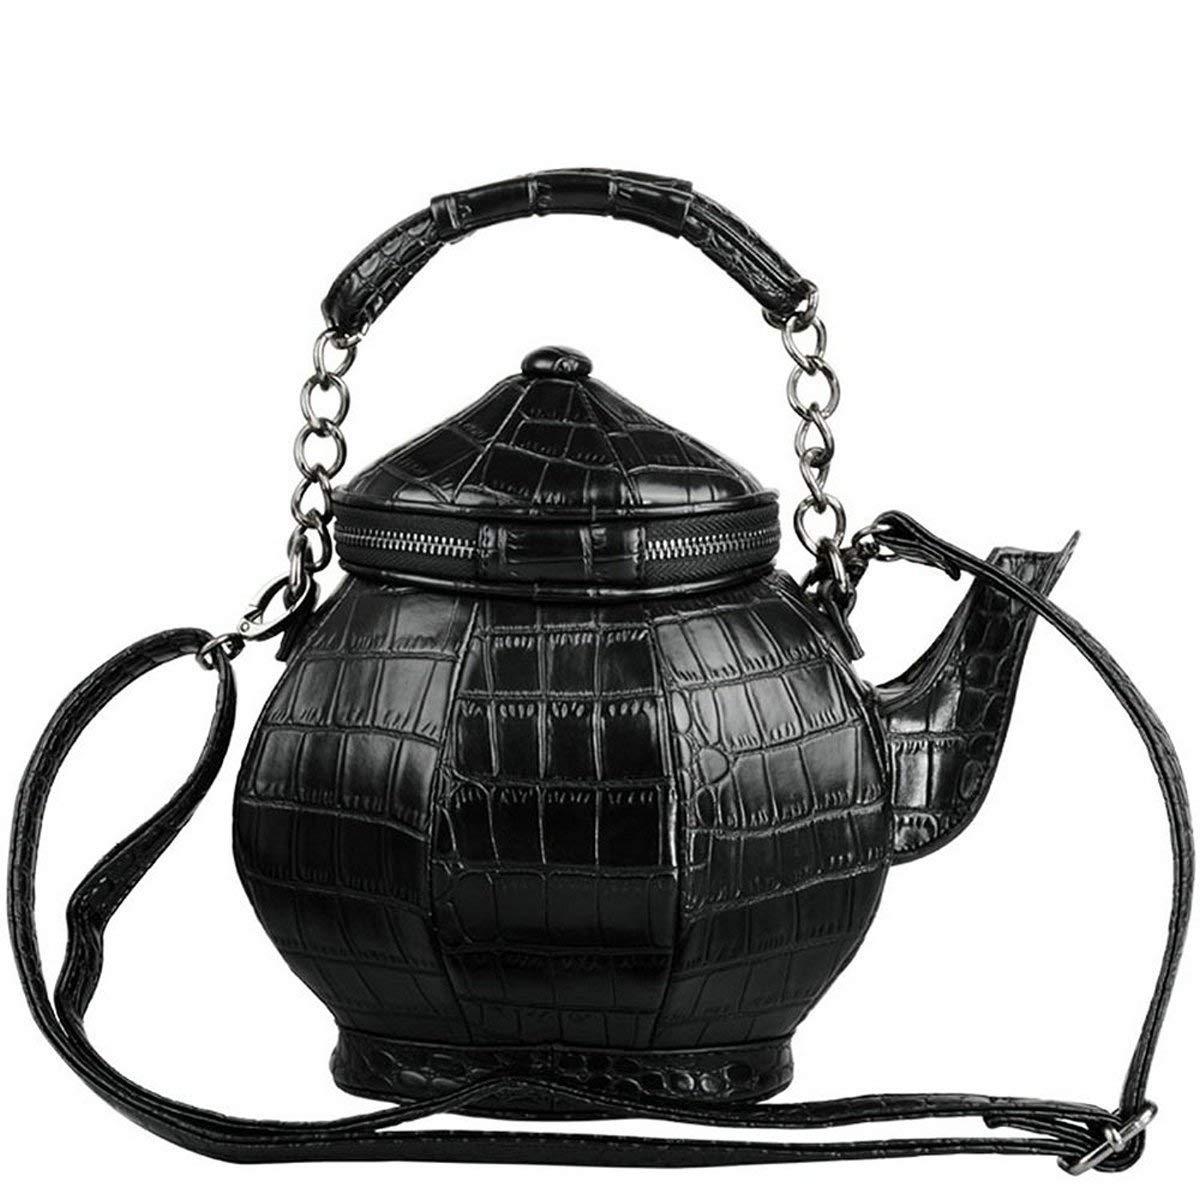 Sac à main gothique drôle théière en forme de bandoulière sac à main fourre-tout fourre-tout femmes sacs à bandoulière